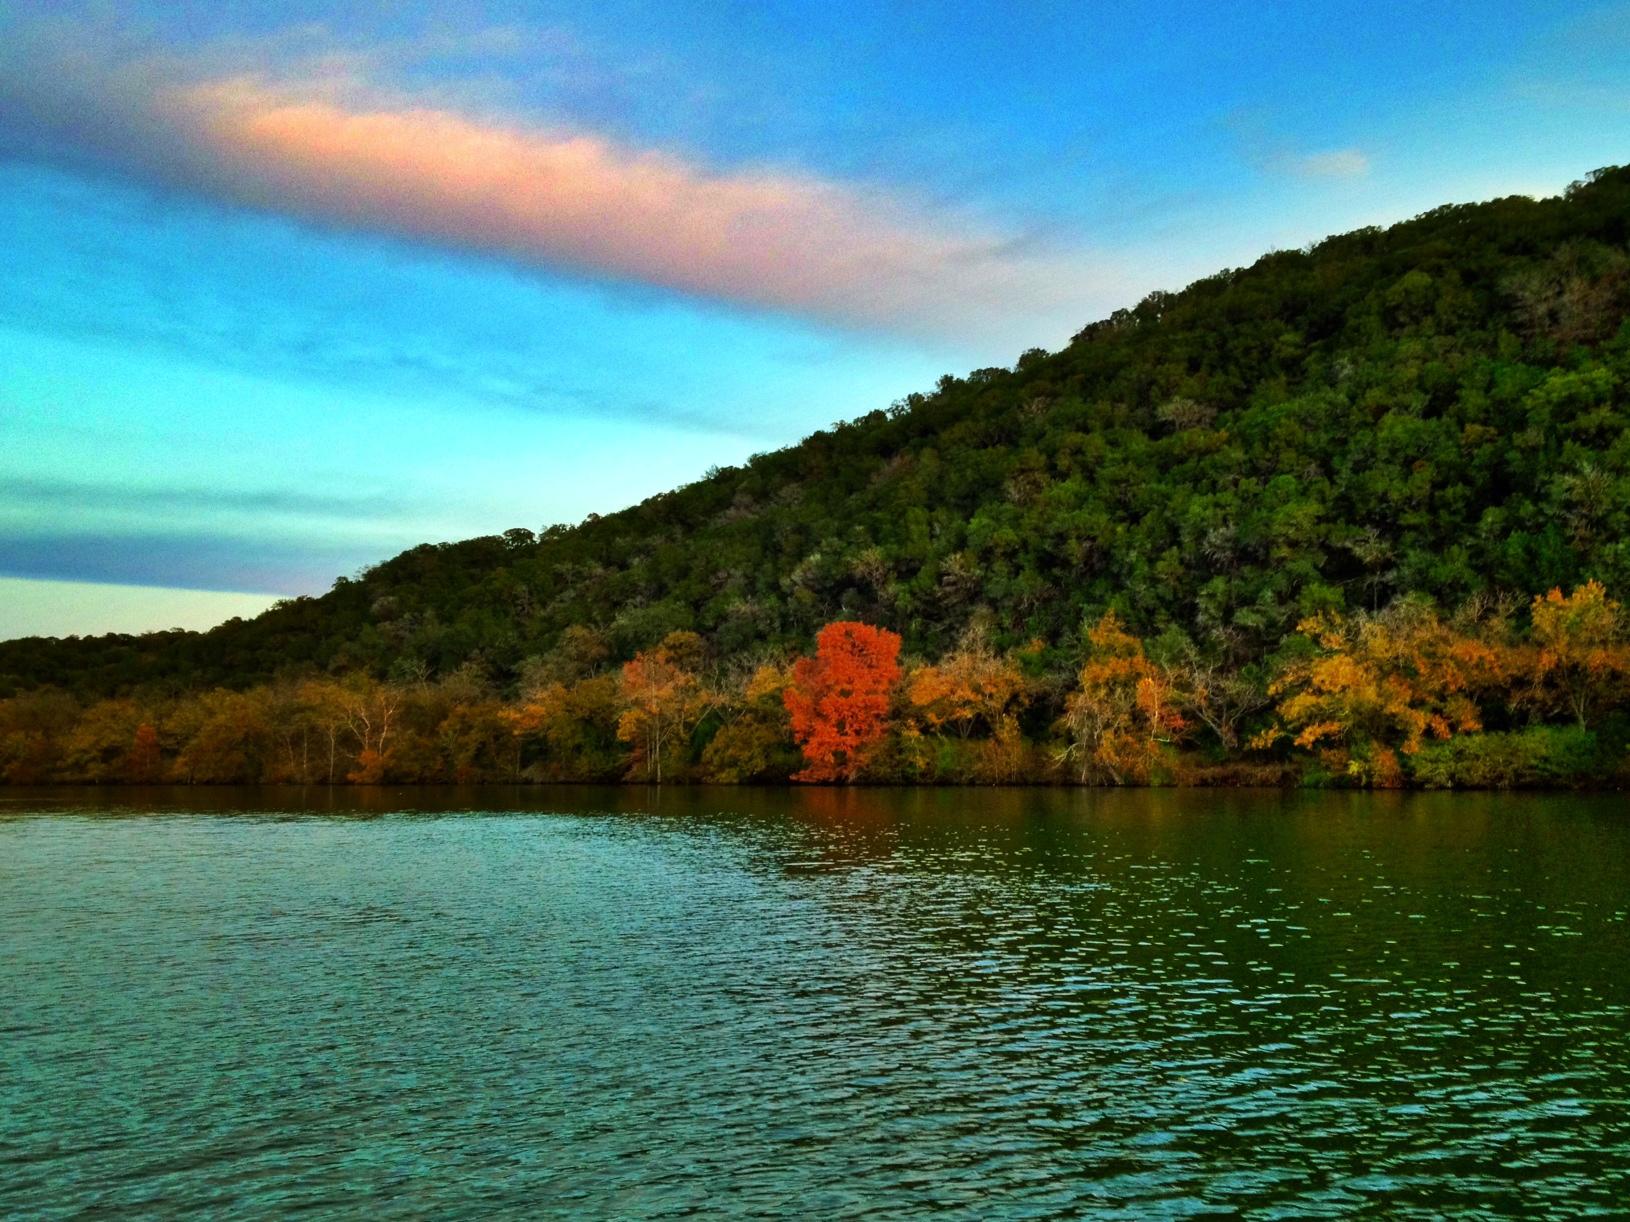 iPhone-lake-austin-sunset1.JPG